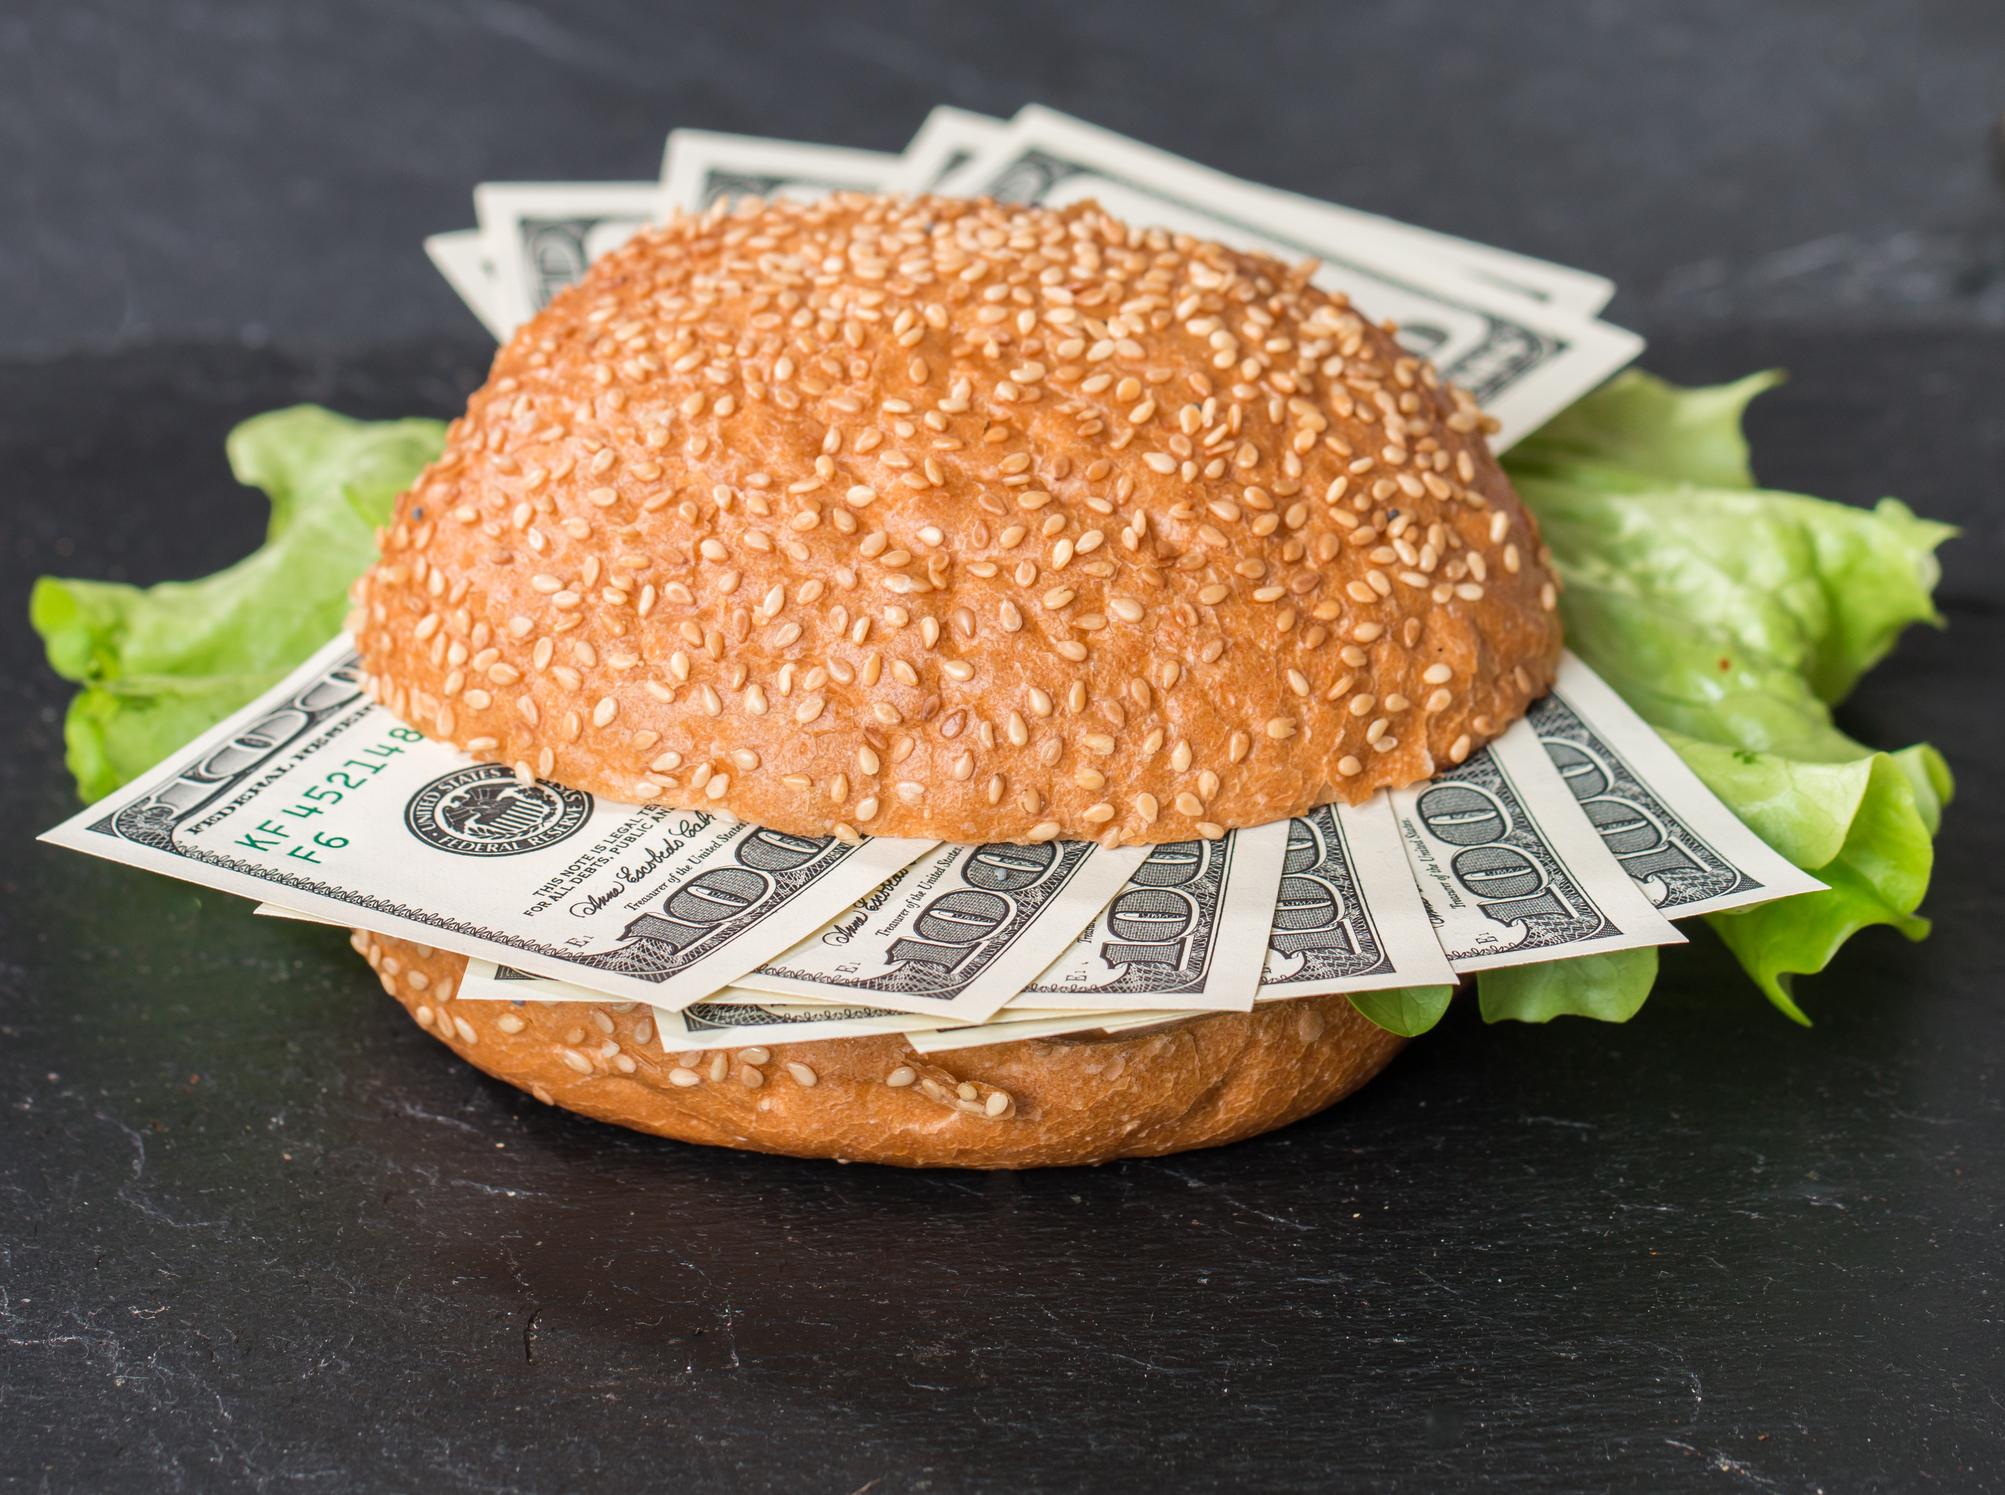 Burger bun with $100 bills instead of meat